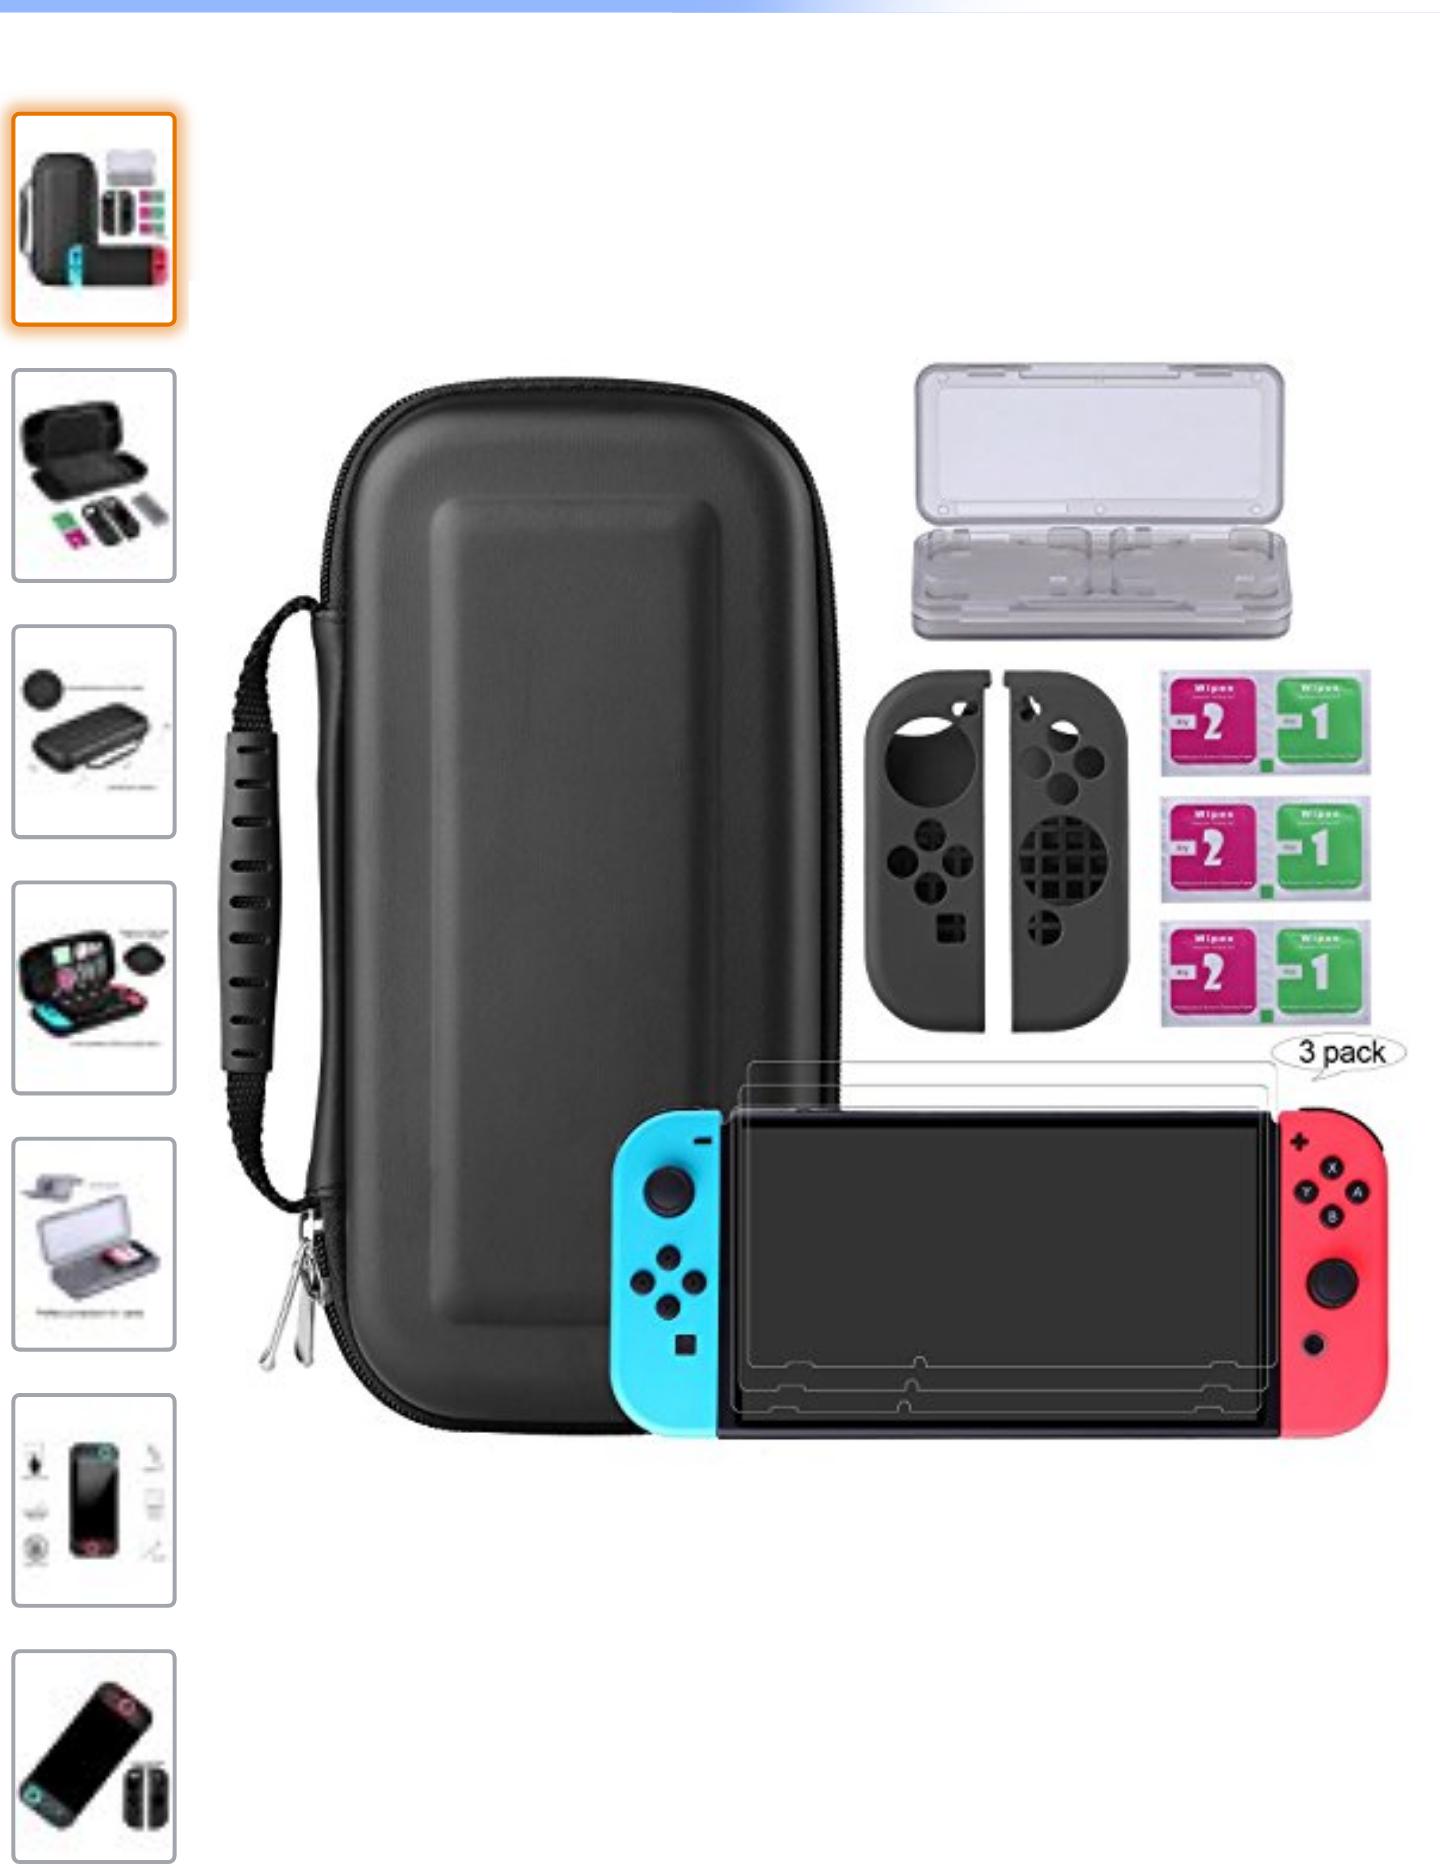 [Amazon - Prime] Bestico Nintendo Switch Schutz Kit, 7 in 1 Switch Schutz Zubehörsetfür nur 13,99 Euro